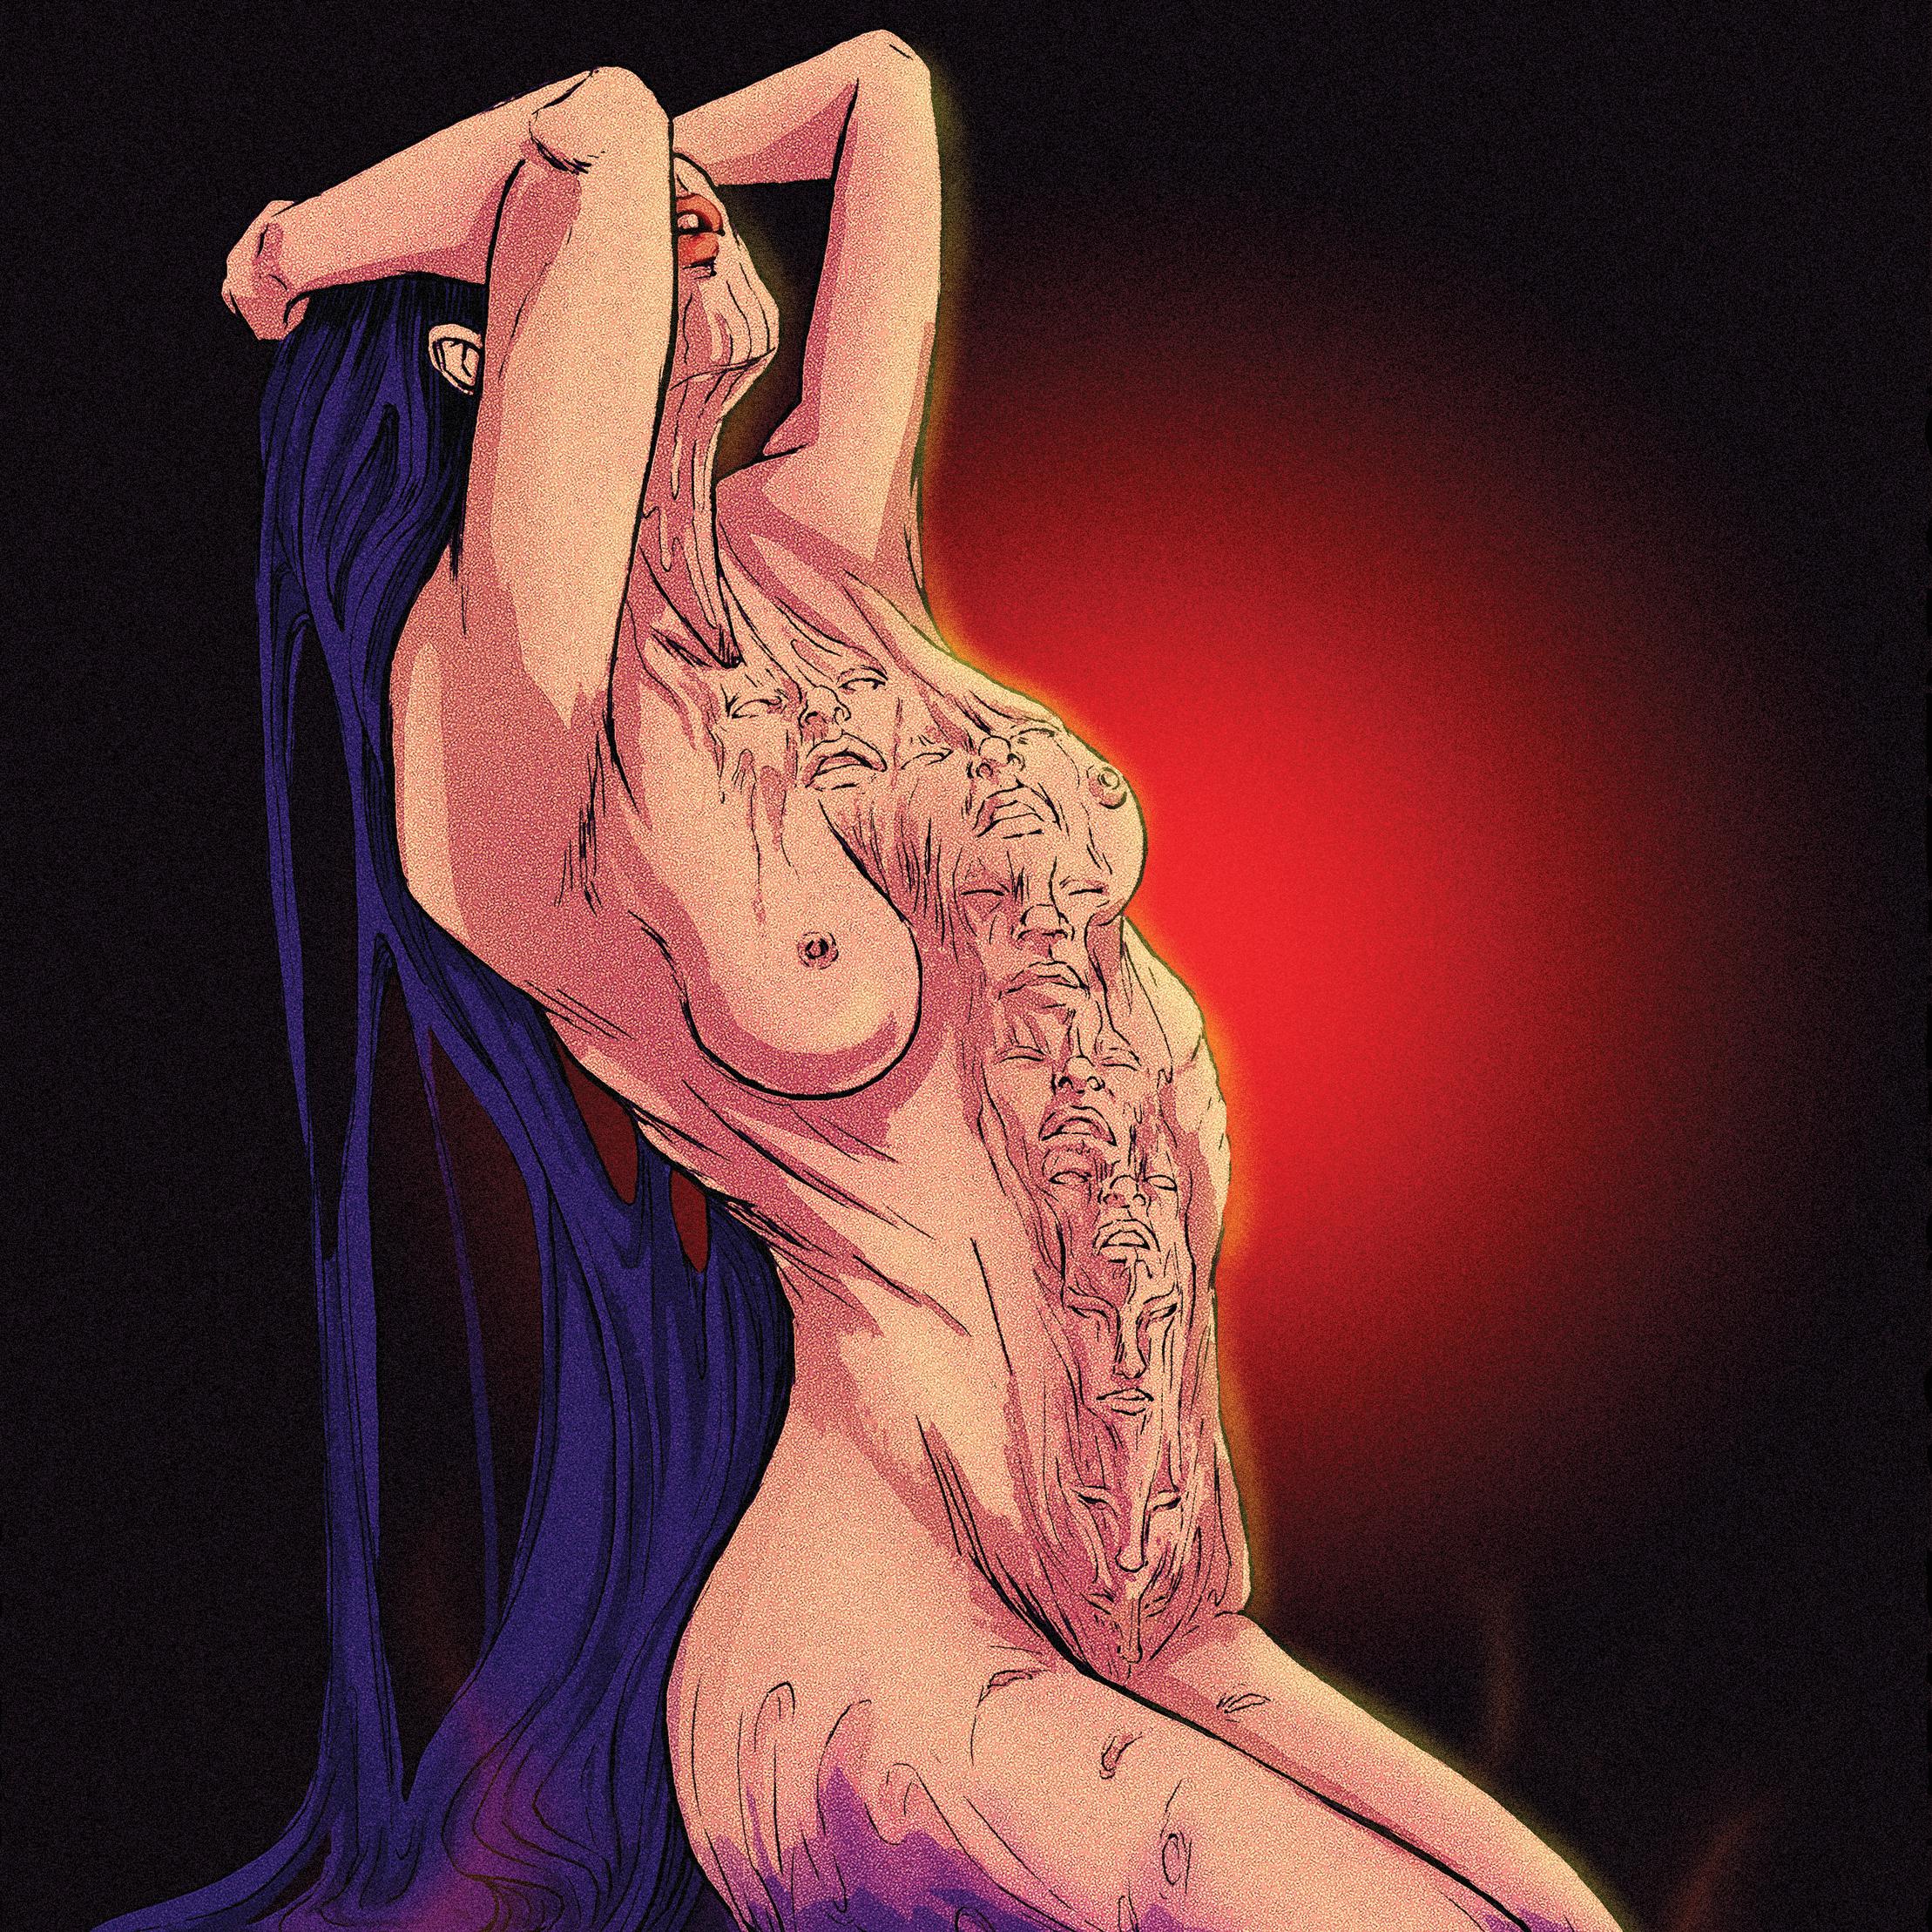 Art by: Jenna Cha